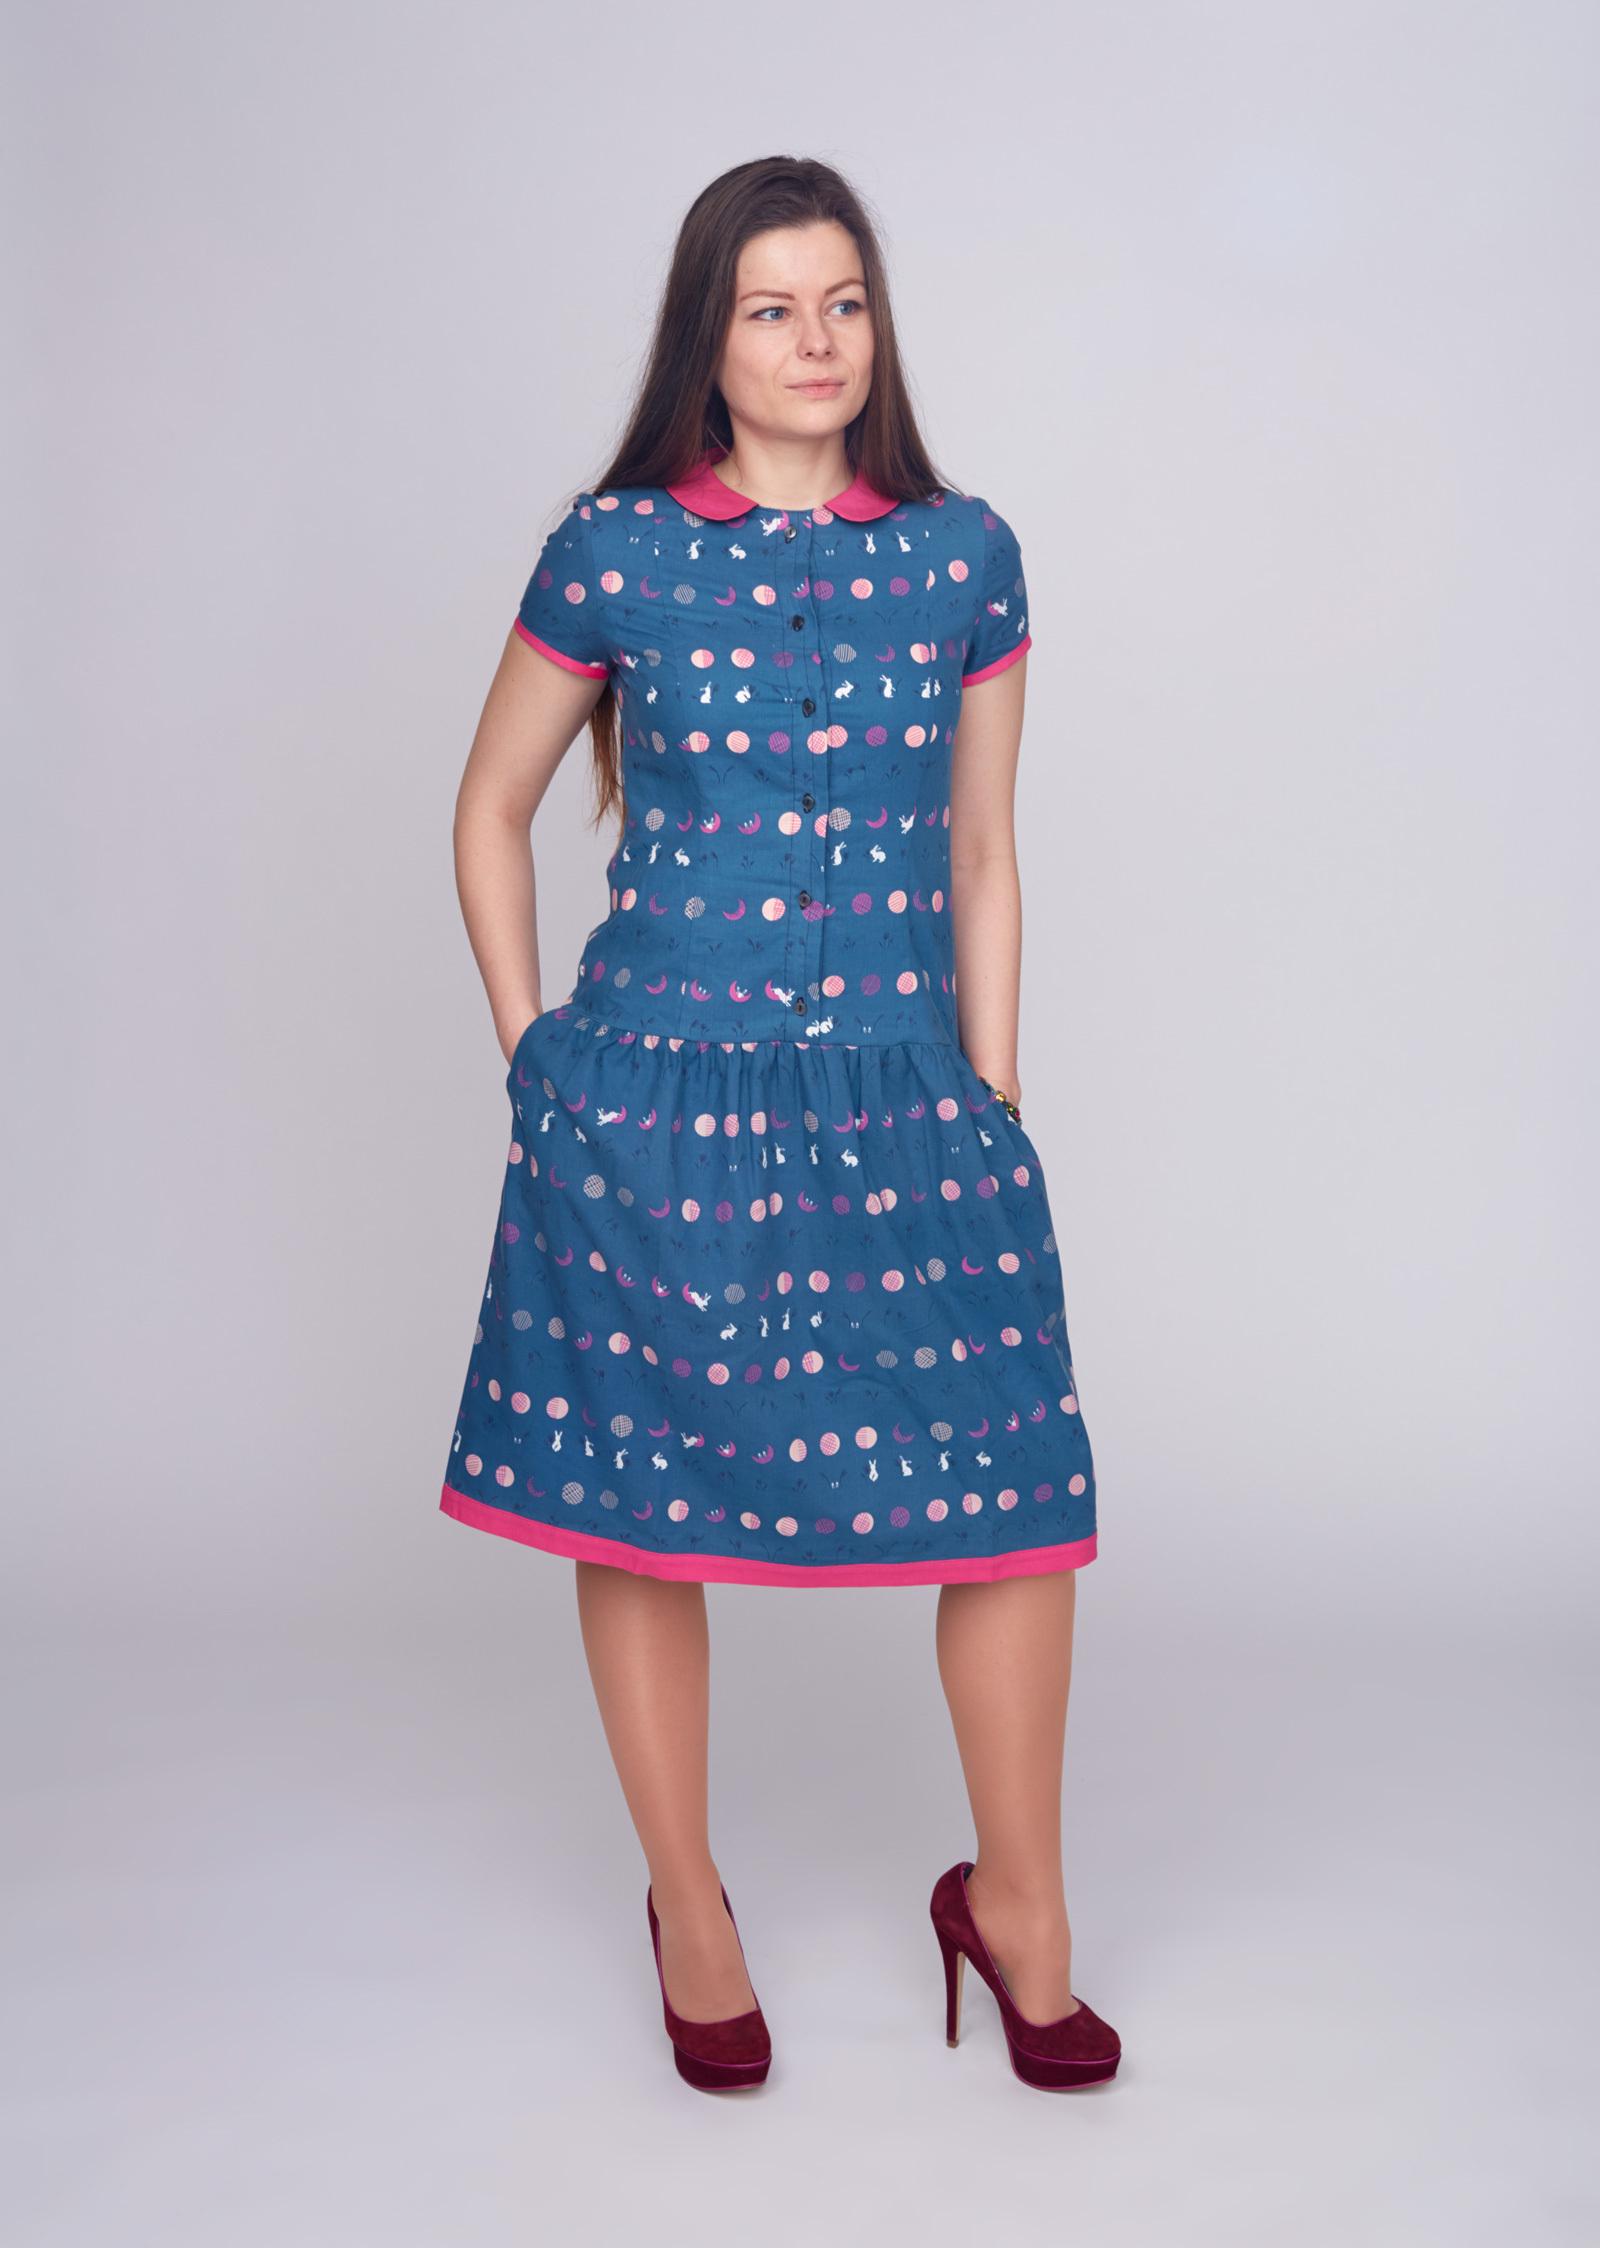 789b173fb93a Košeľové šaty - ZĽAVA   Zboží prodejce BooBak